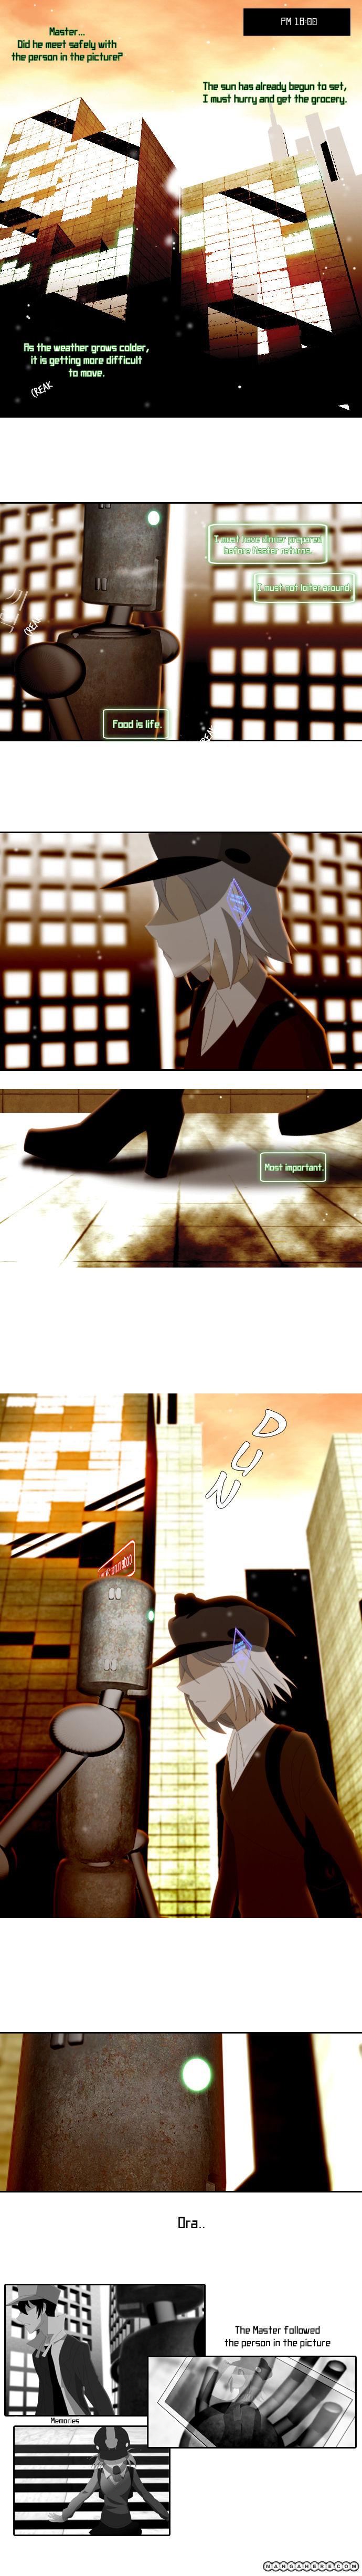 Automata 5 Page 1